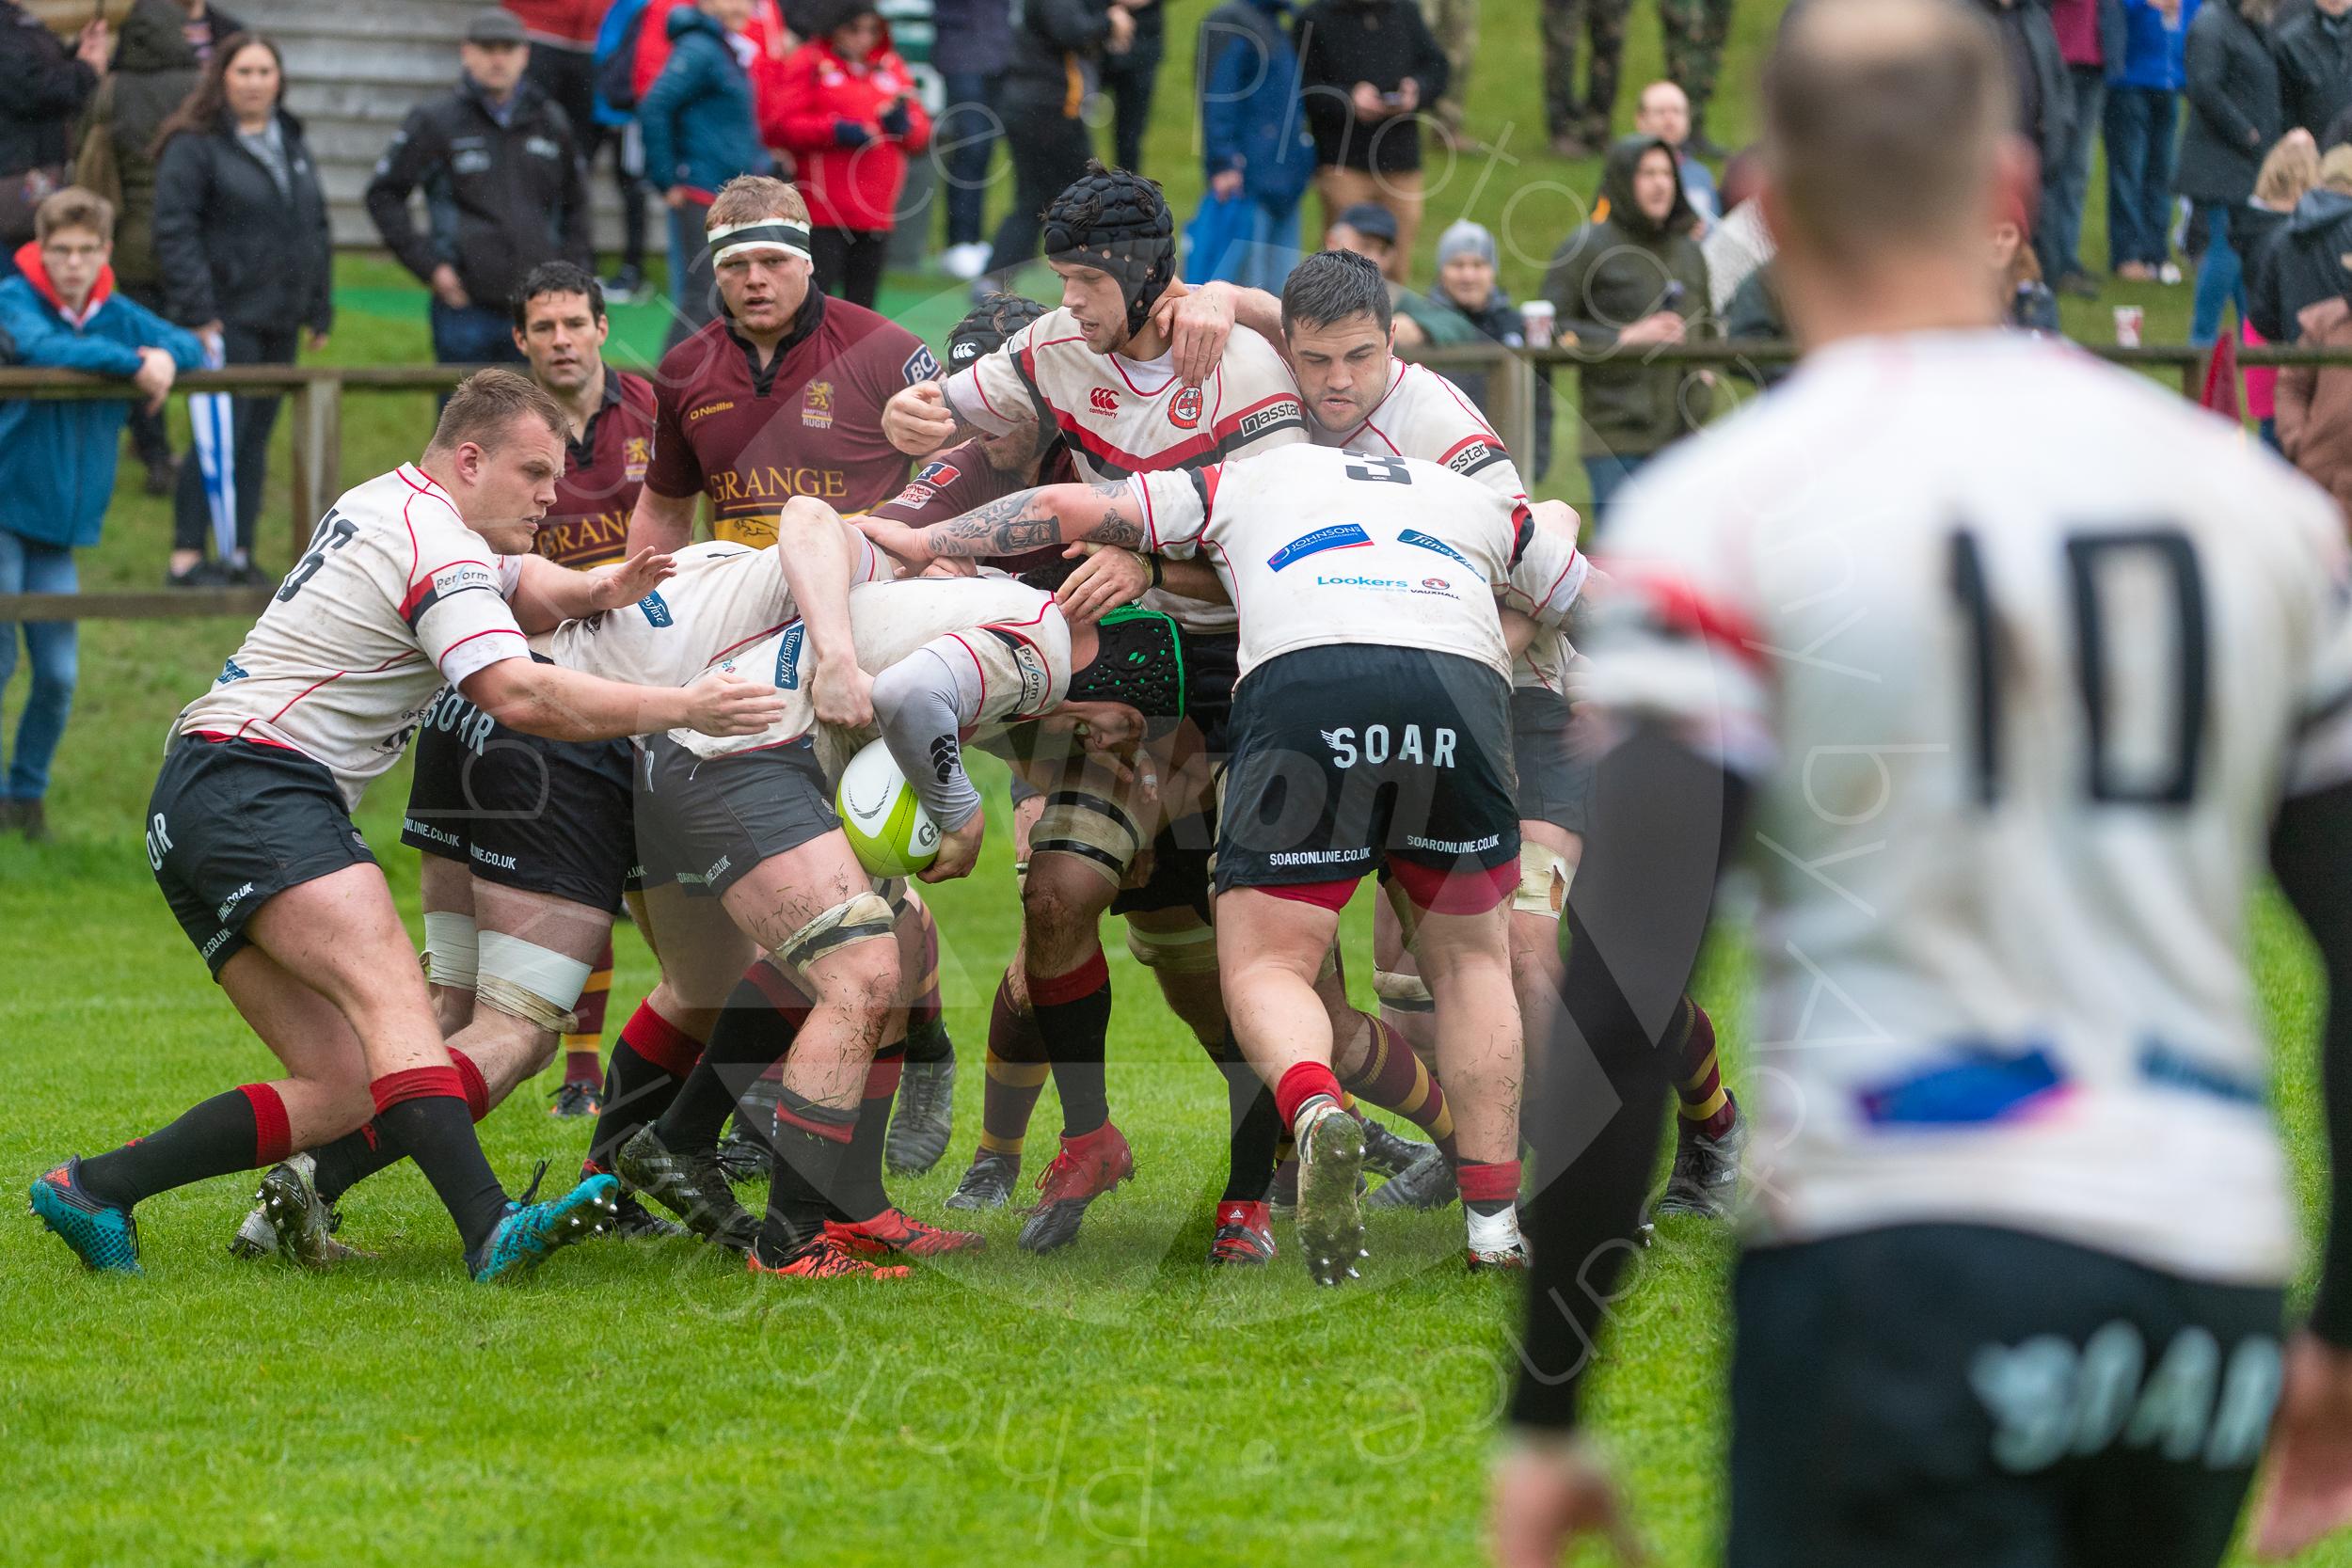 20180428 Ampthill 1st XV vs Moseley #9598